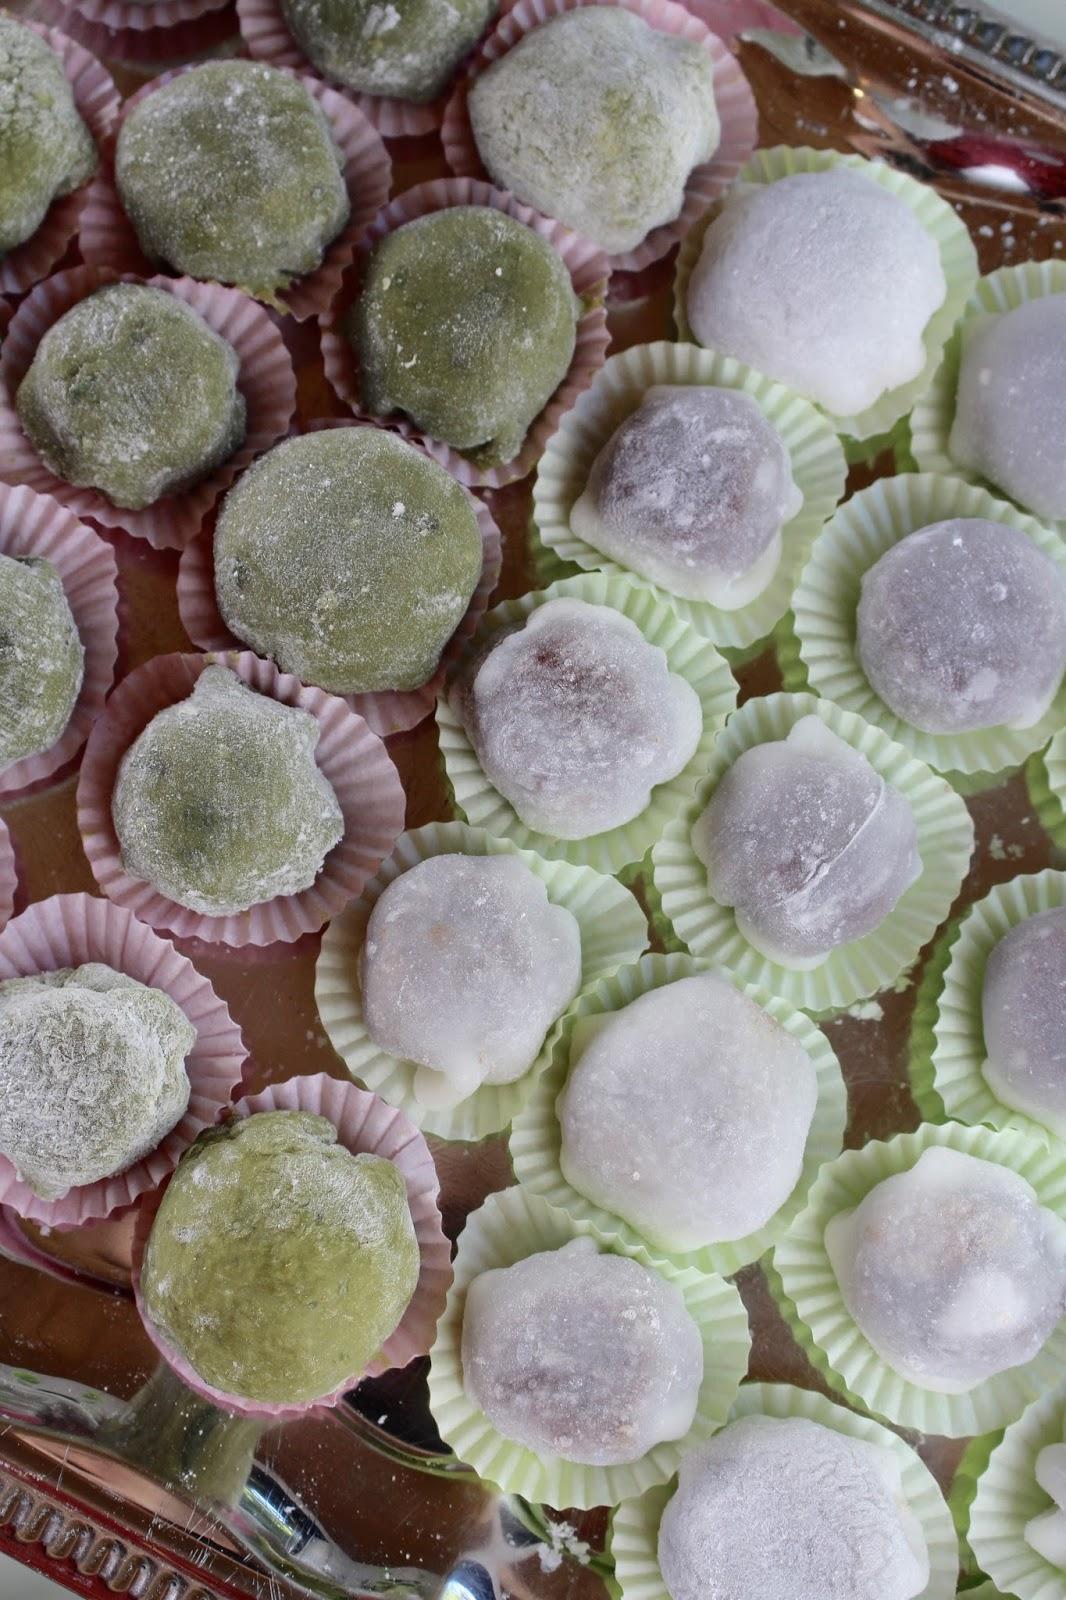 Daifuku Mochi - japanischer Reiskuchen mit Azuki Bohnen Paste